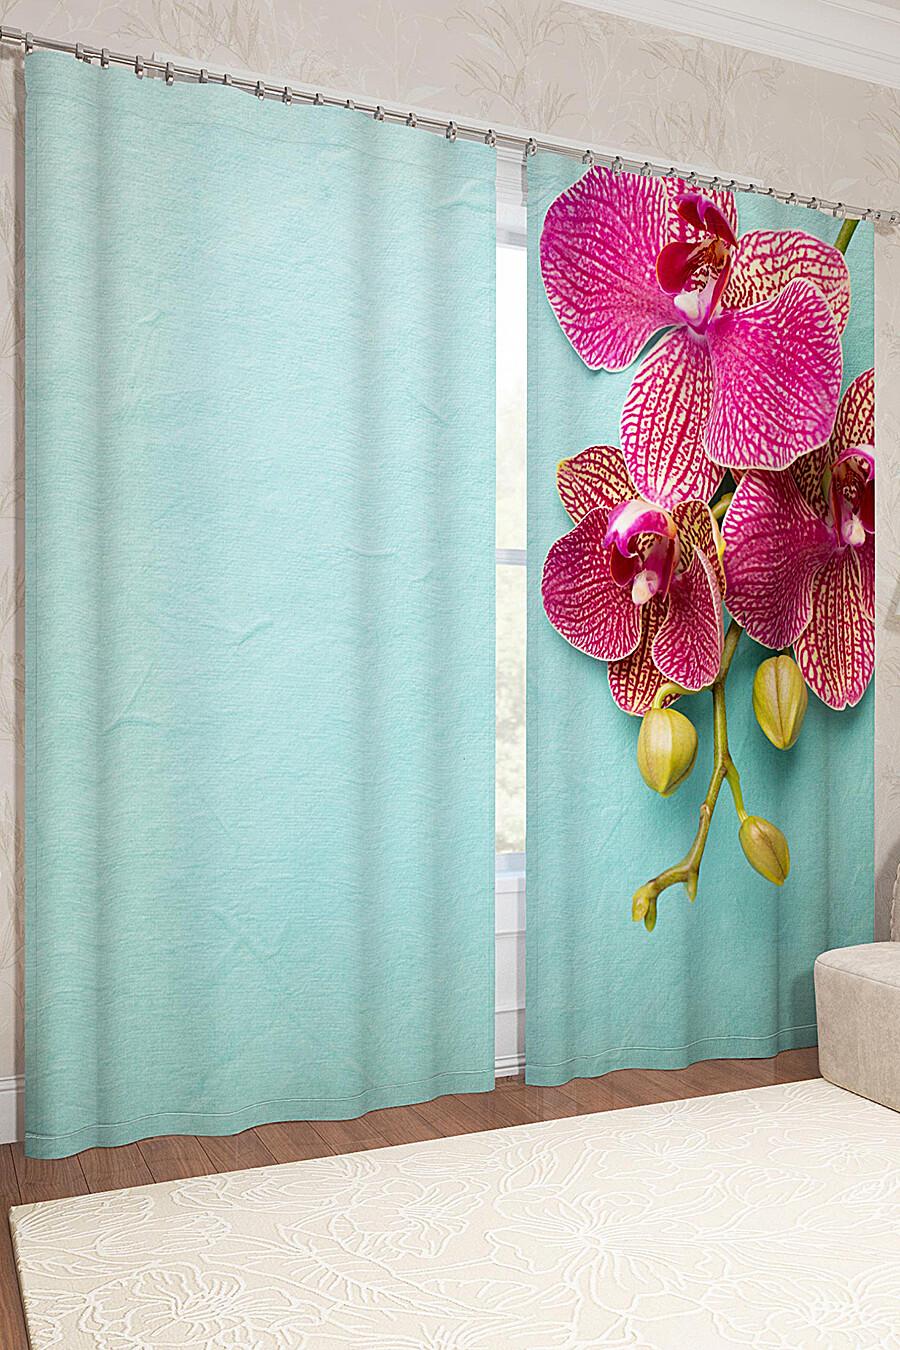 Фотошторы для дома ART HOME TEXTILE 123473 купить оптом от производителя. Совместная покупка товаров для дома в OptMoyo